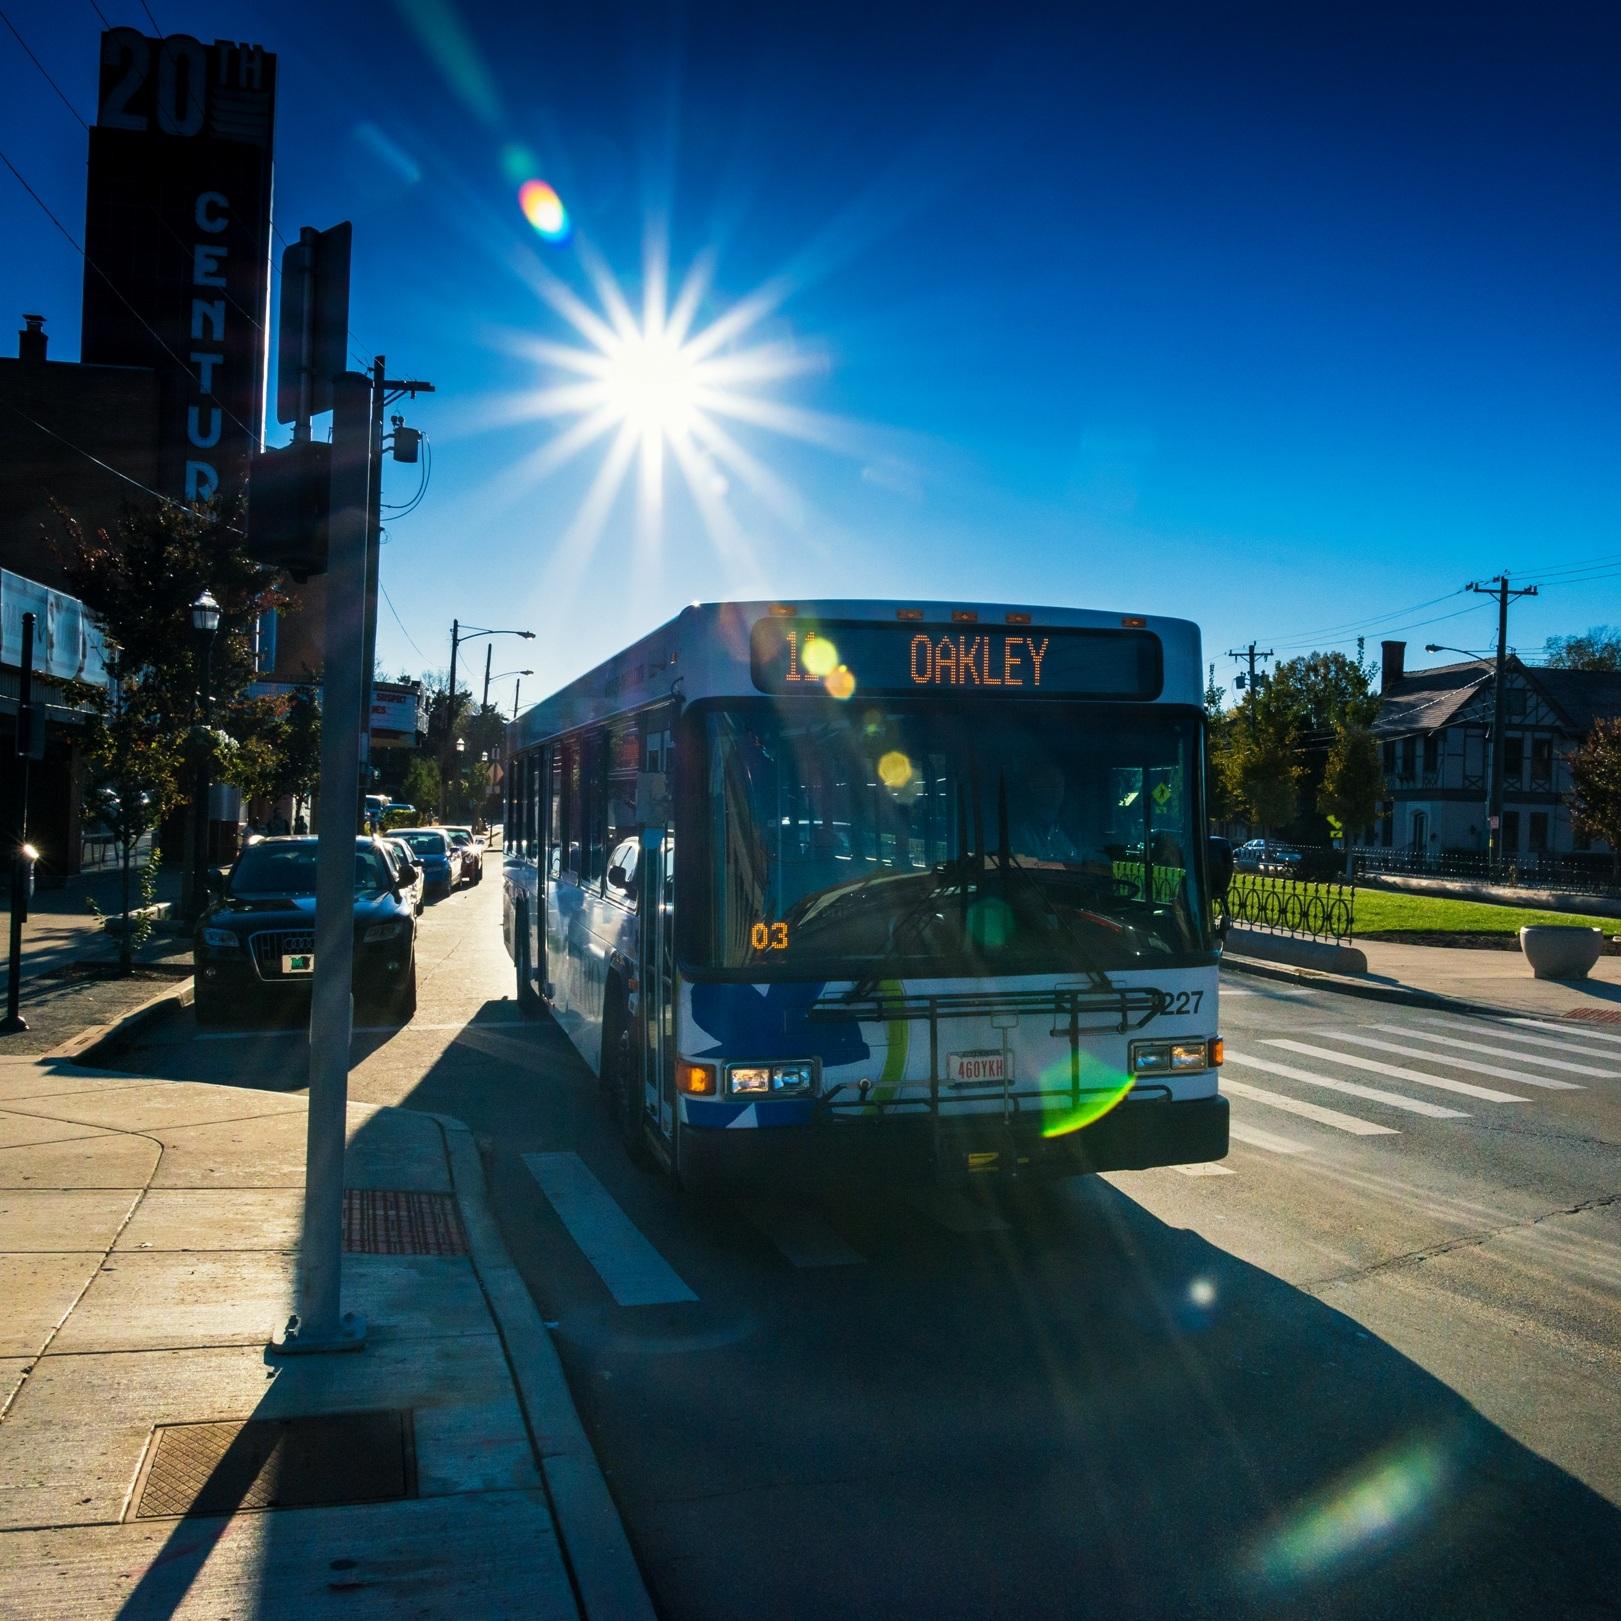 Oakley+bus-small.jpg